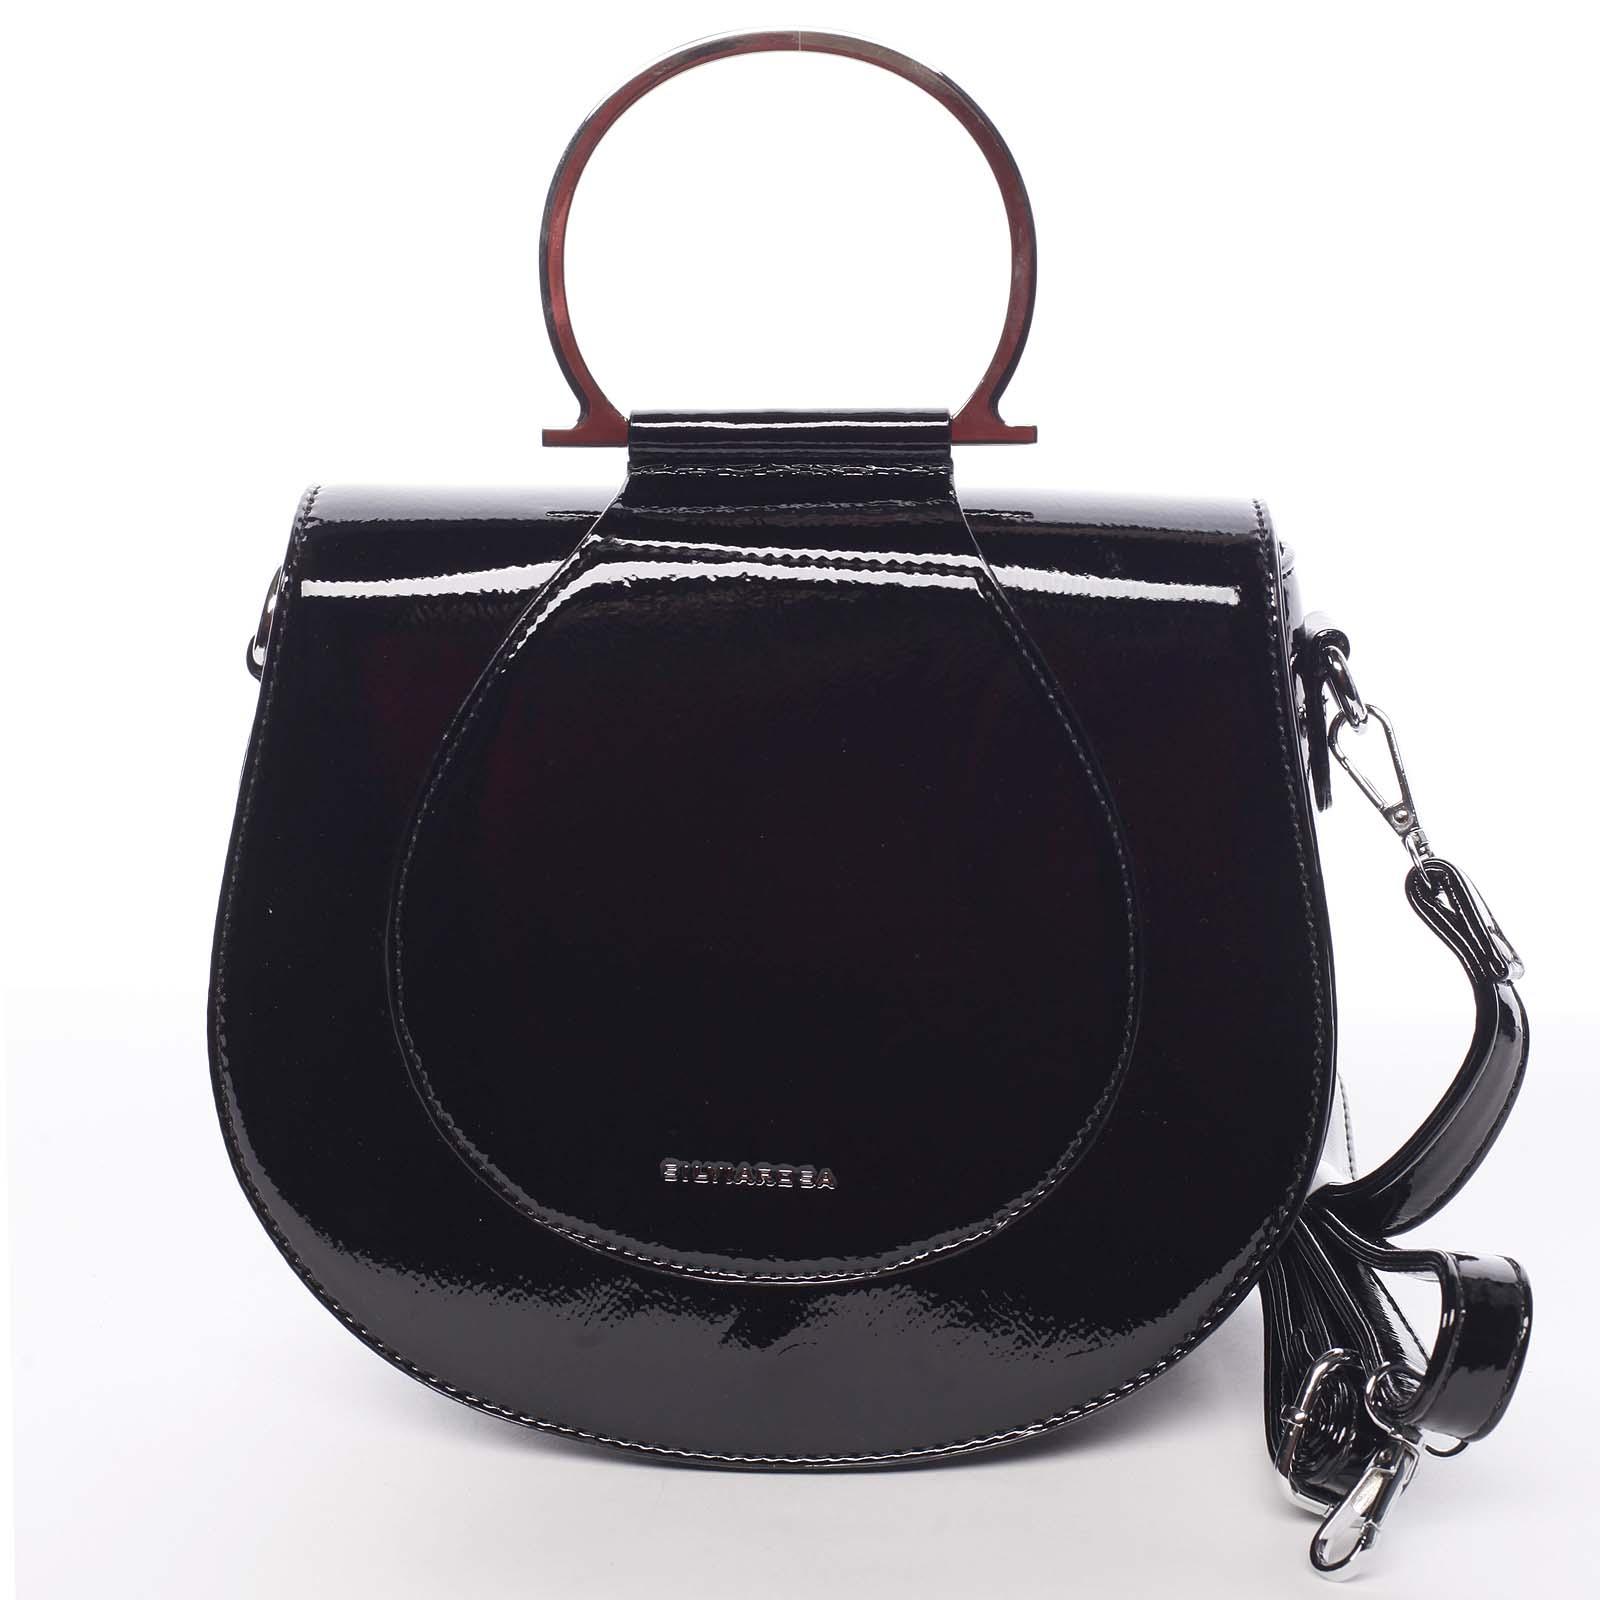 Originální dámská lakovaná crossbody kabelka černá - Silvia Rosa Sherise